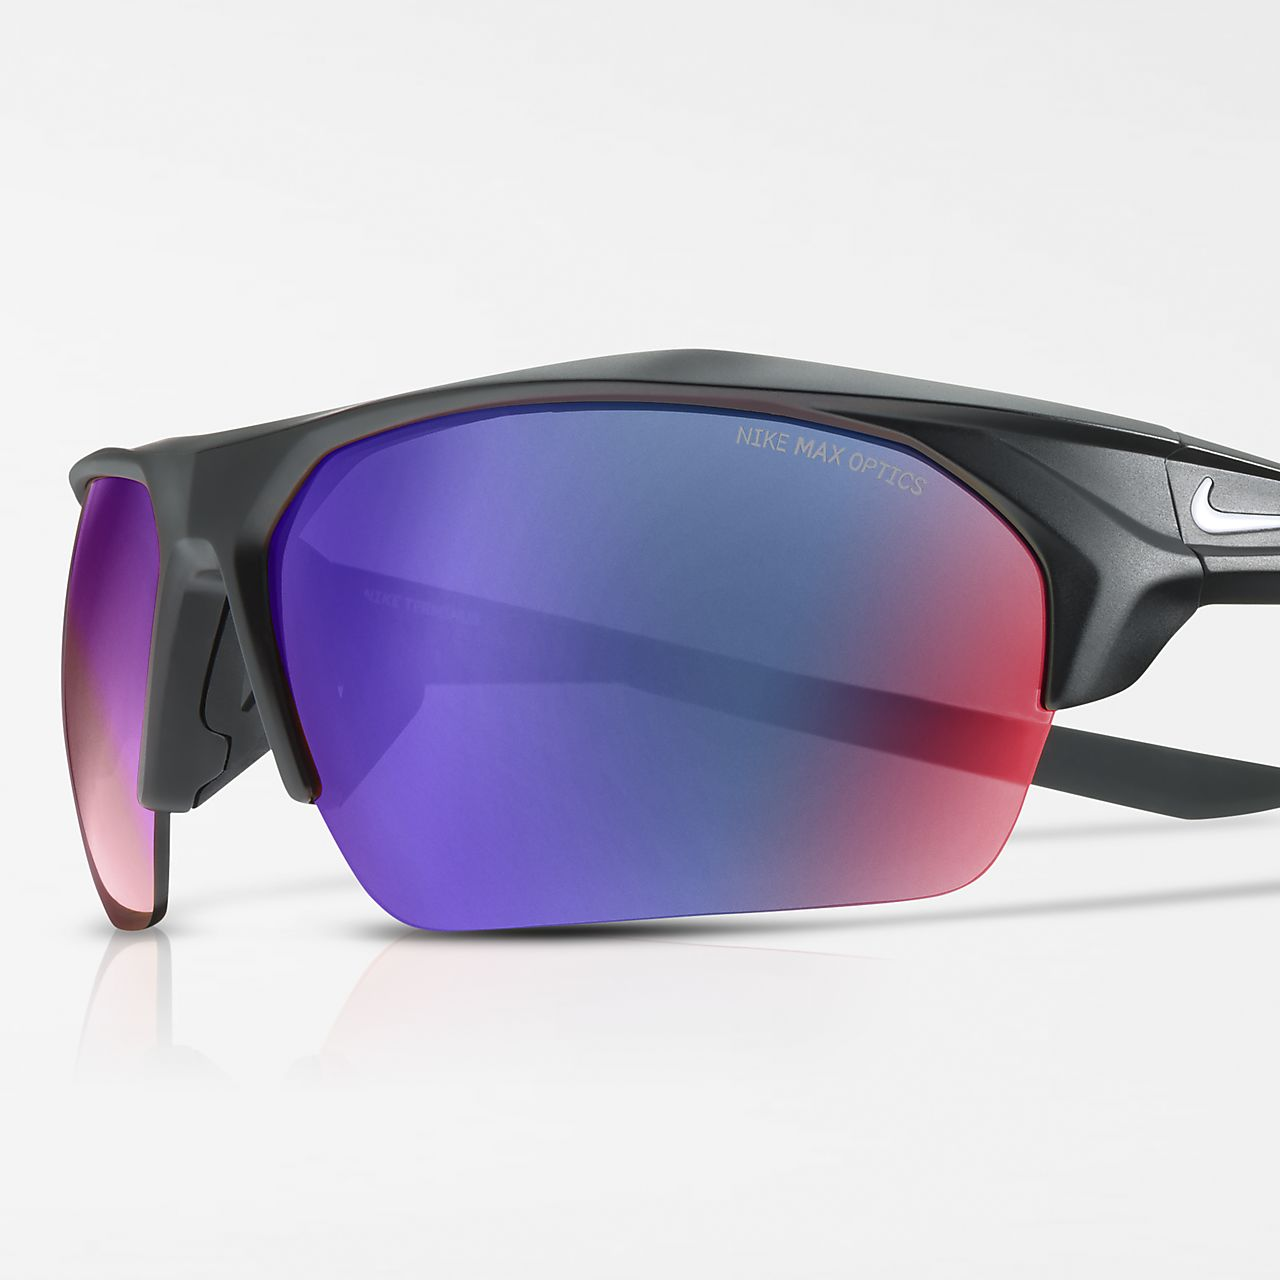 Nike Terminus Mirrored Sonnenbrille - Schwarz k1q84xHANq